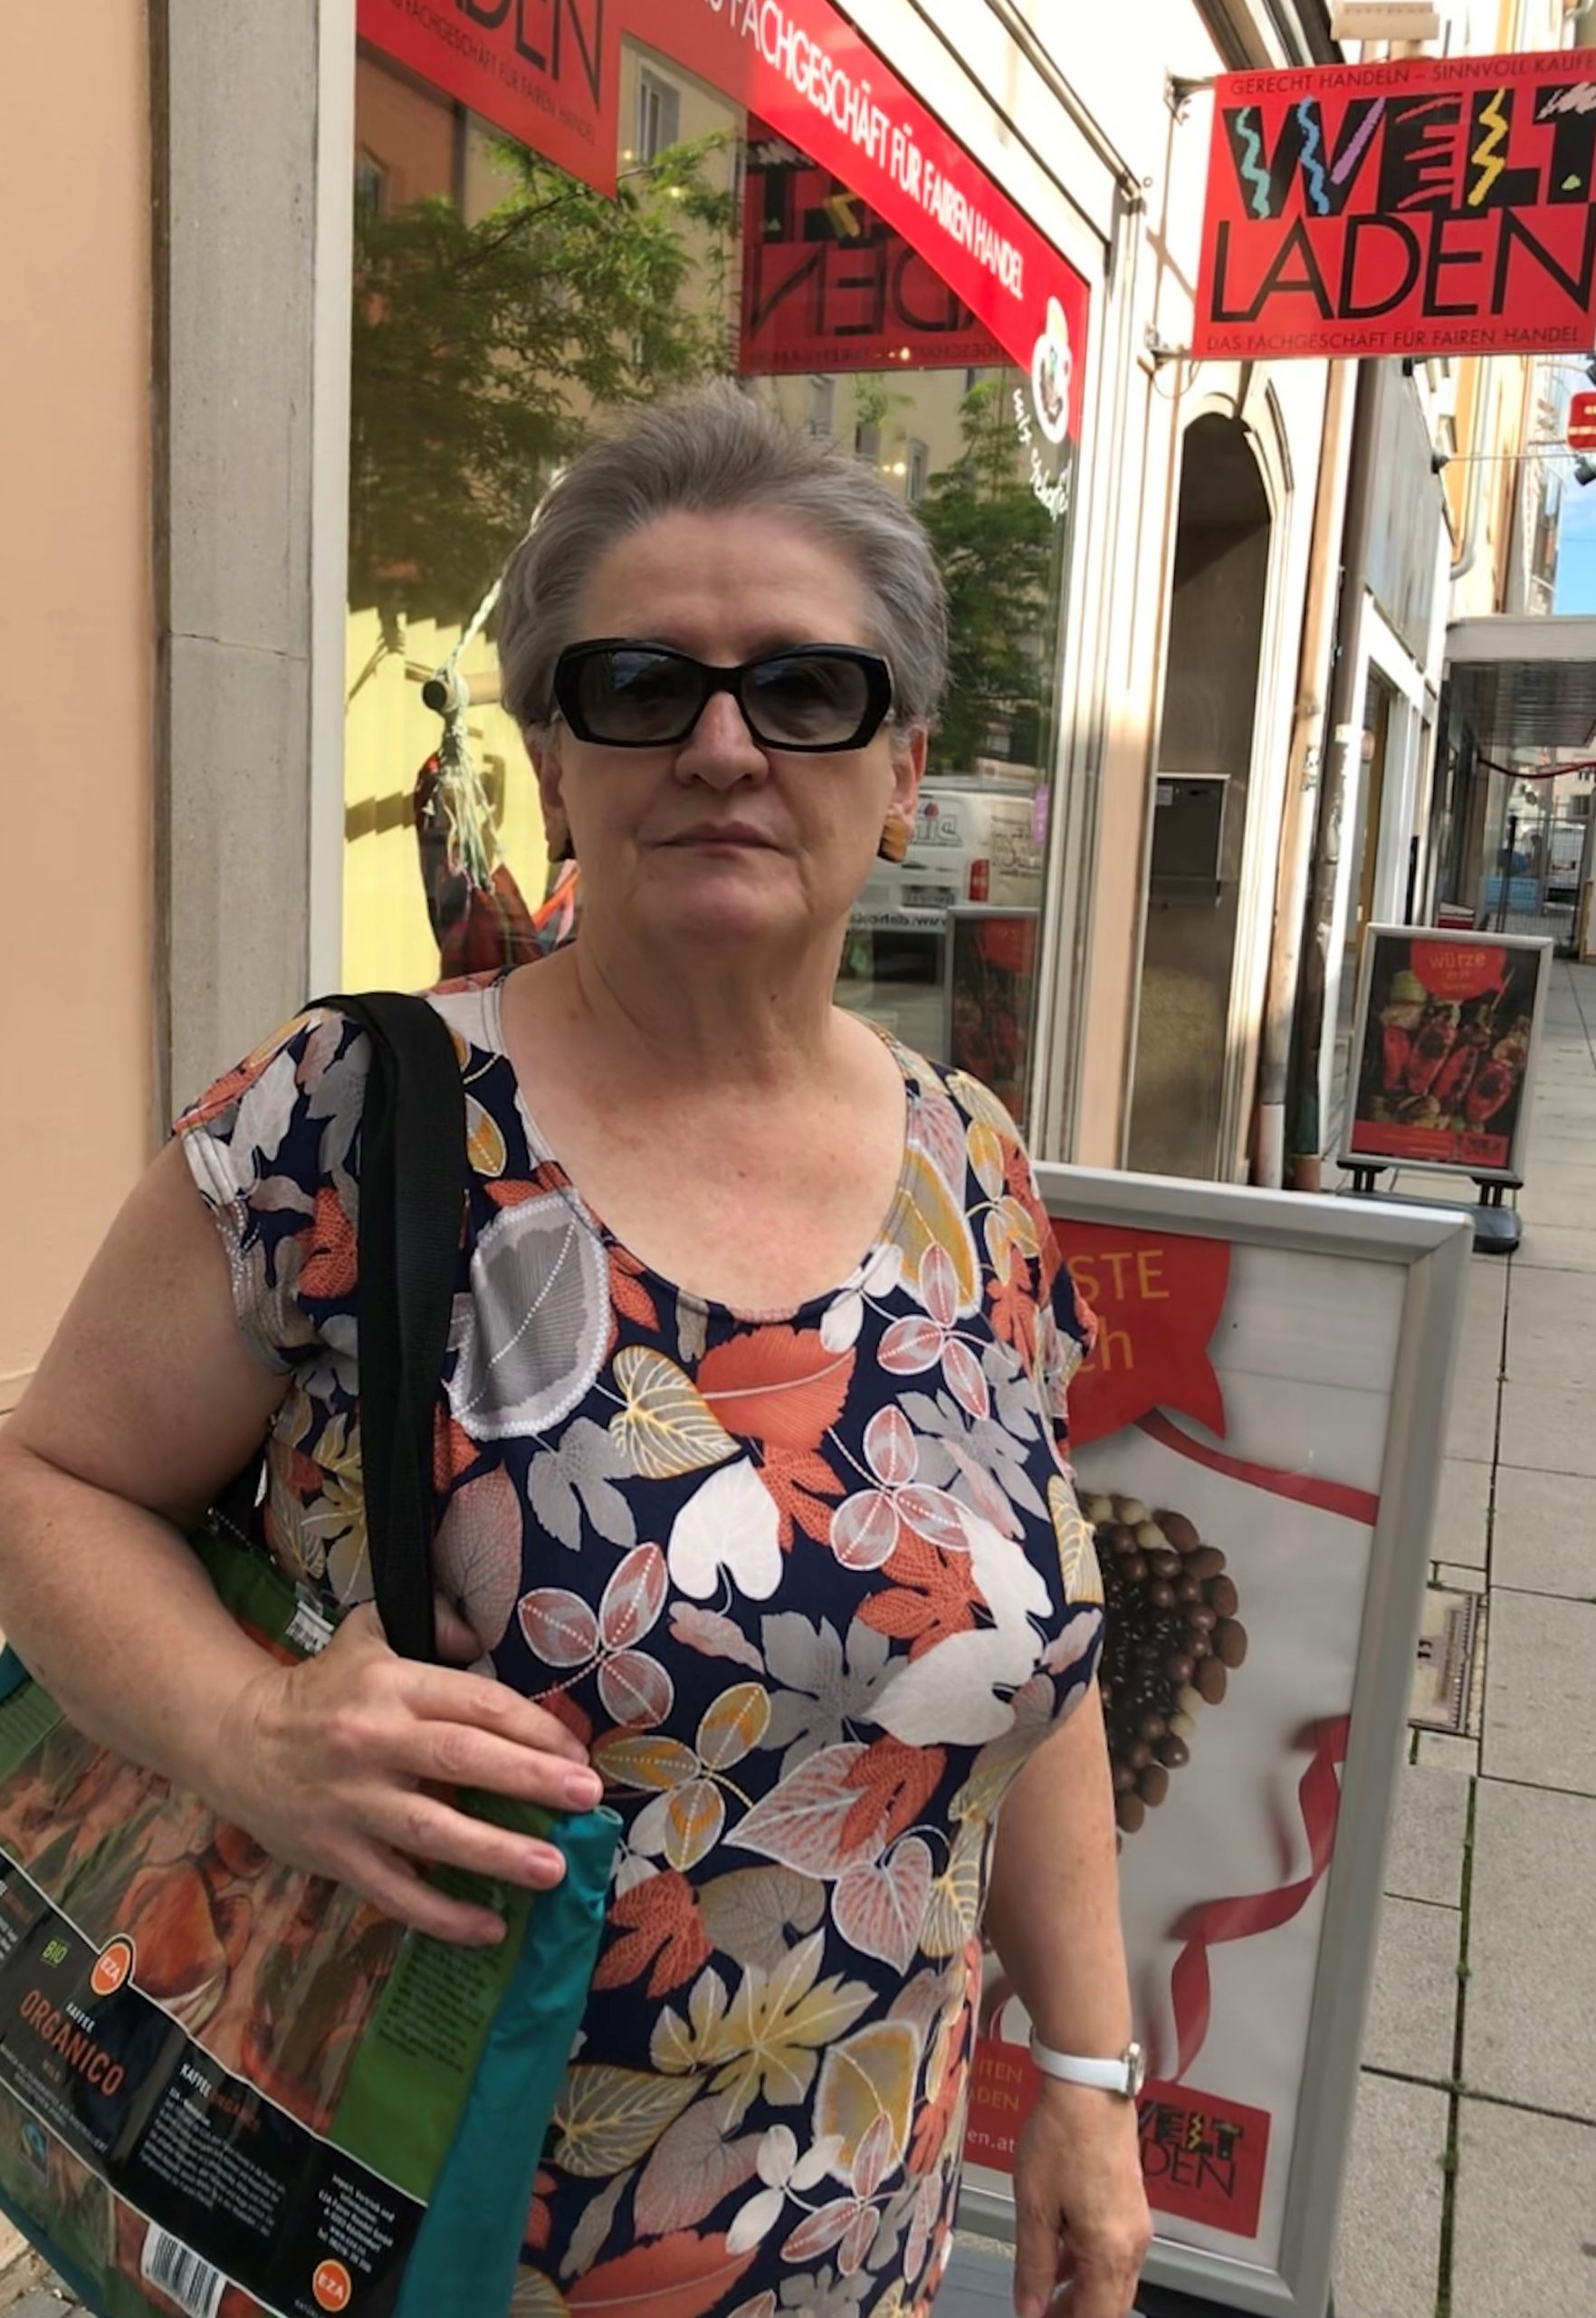 Mitarbeiterin im Weltladen Wr. Neustadt